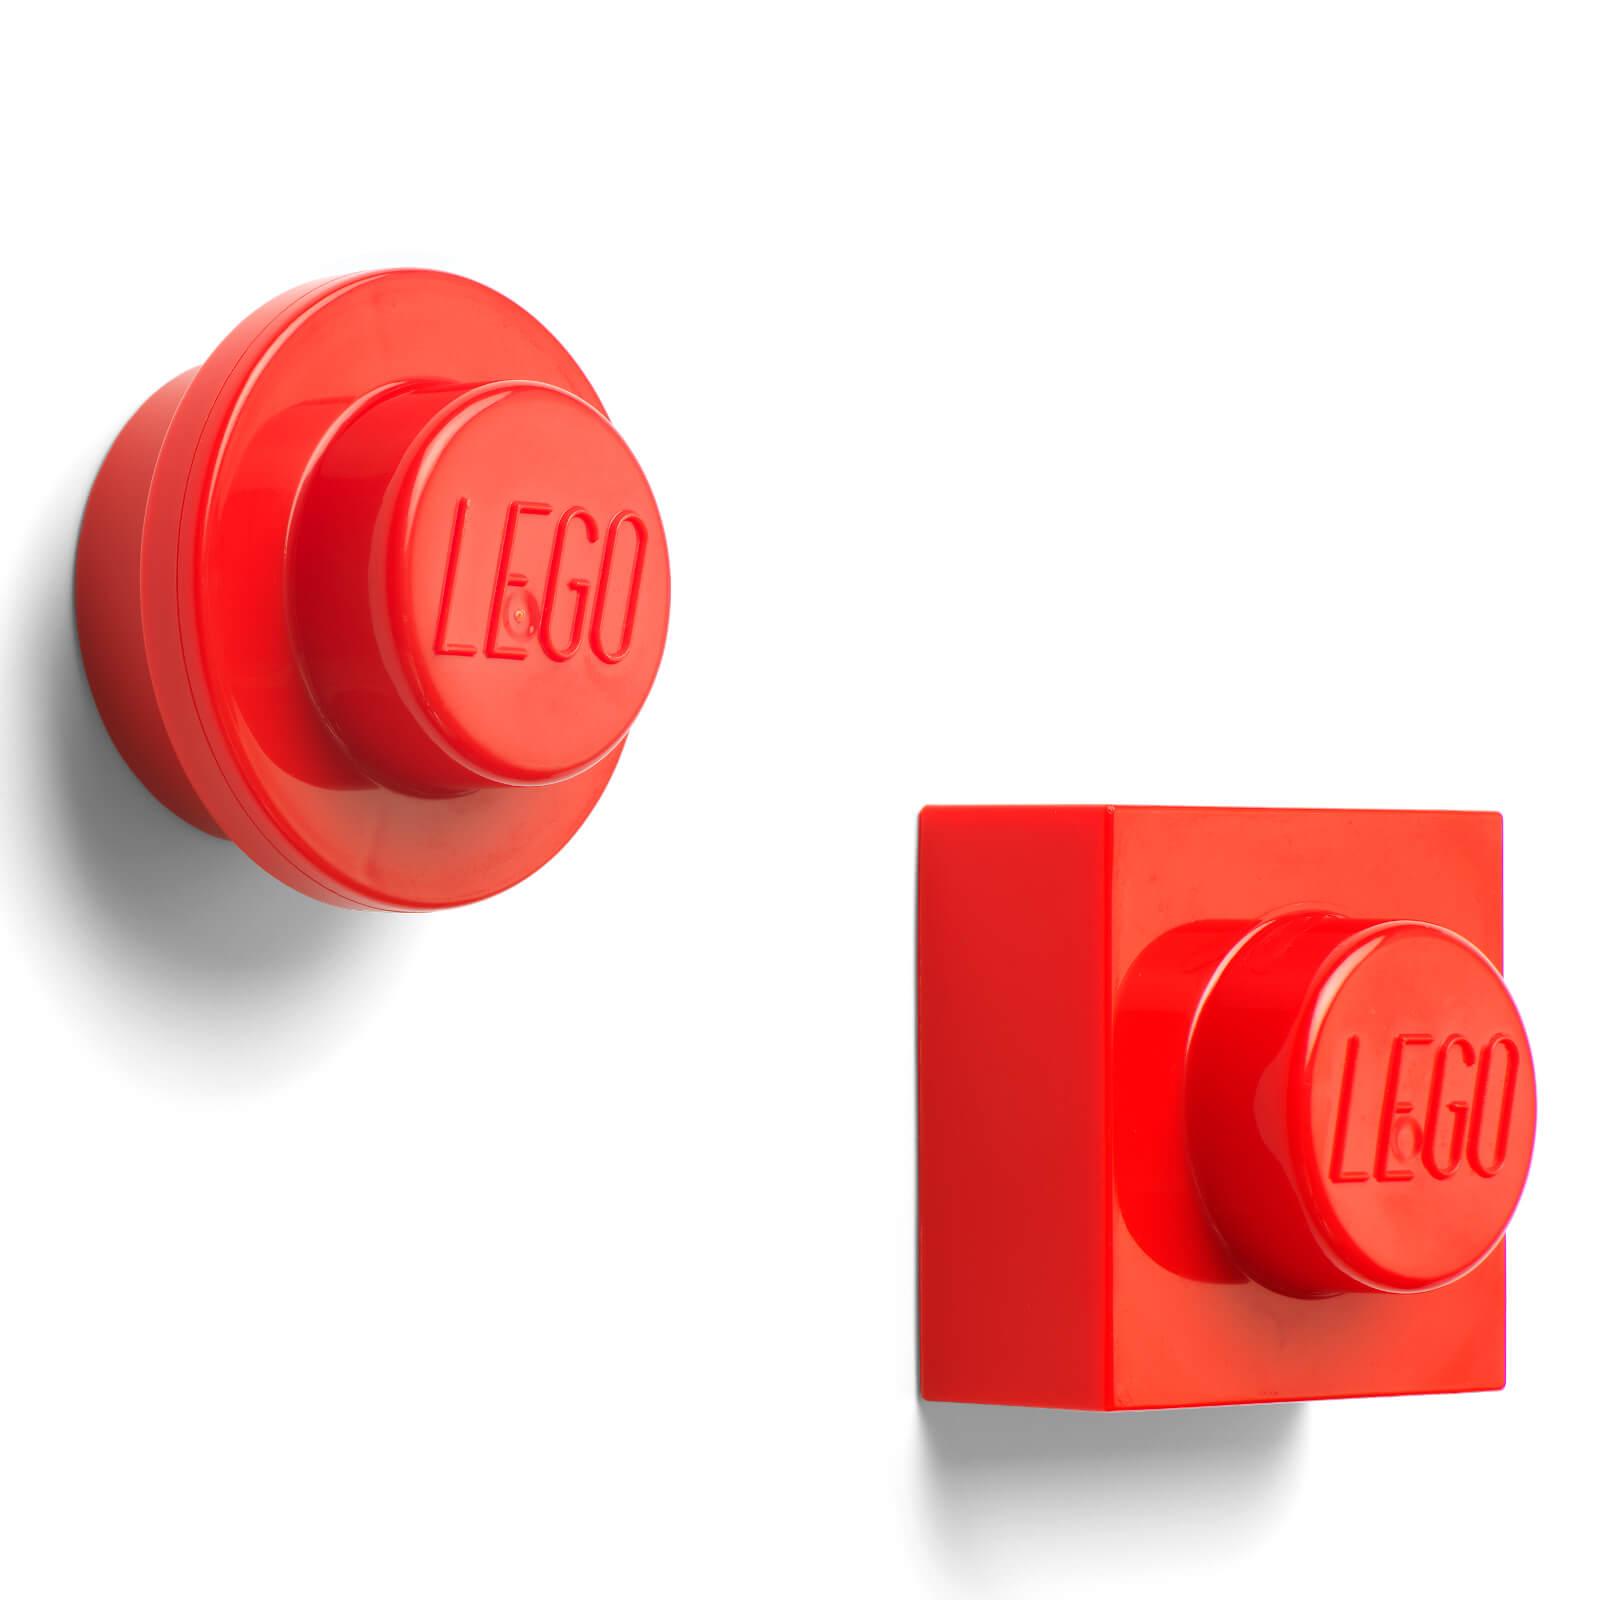 LEGO Magnet Set   Red